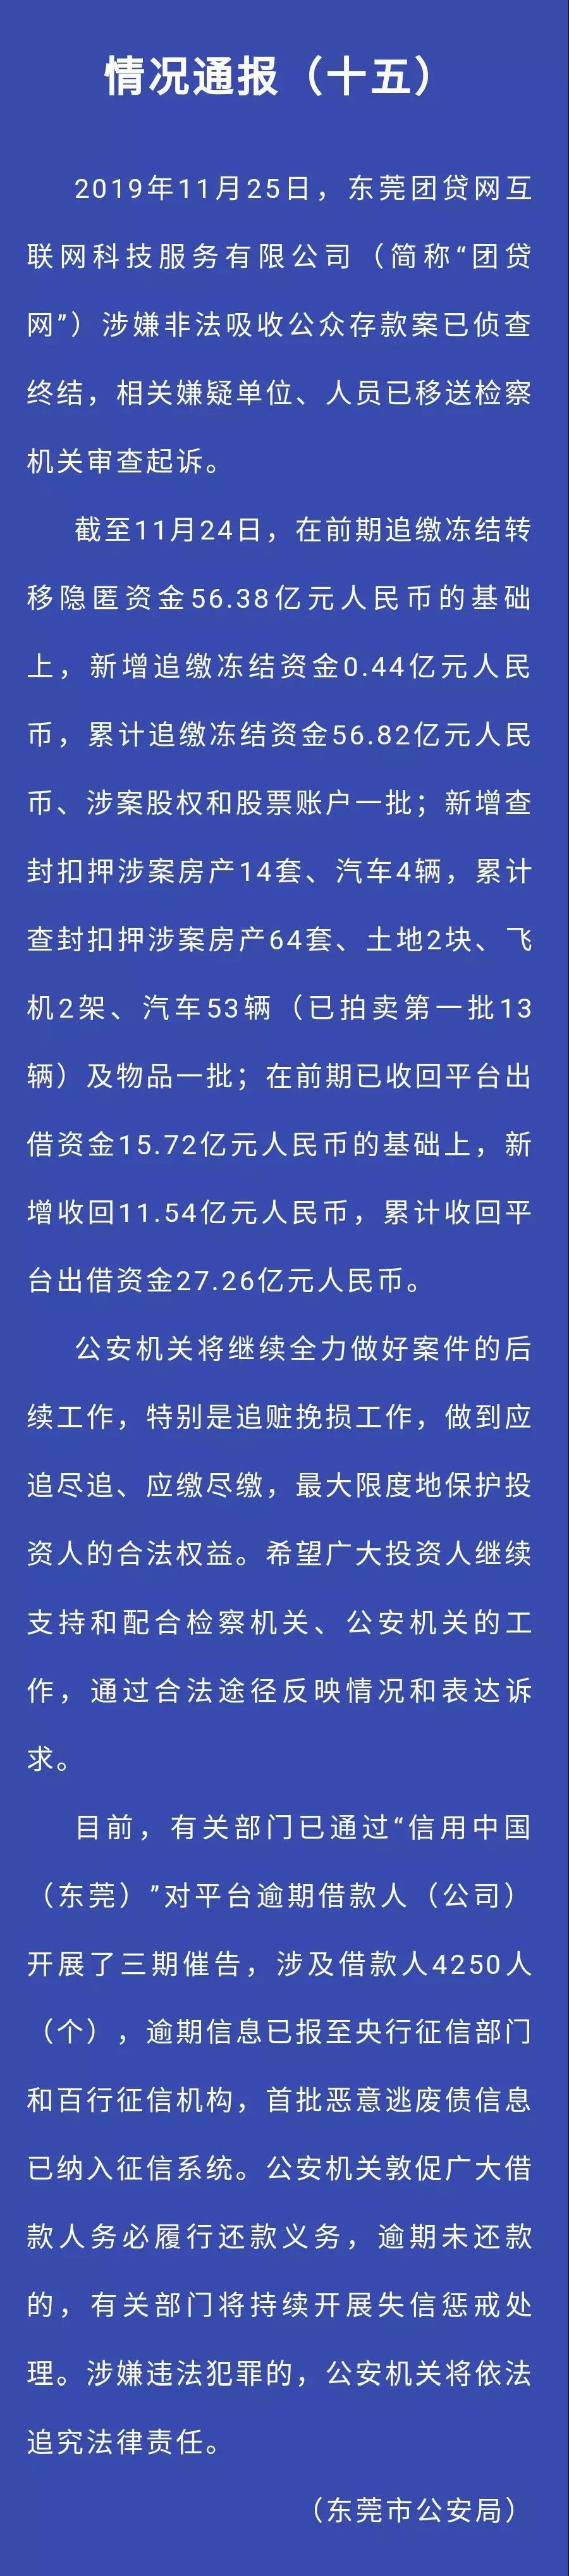 鑫鑫娱乐真人轮盘|喜讯|前列腺癌新靶向药Erleada获批,延长无转移生存期超2年!